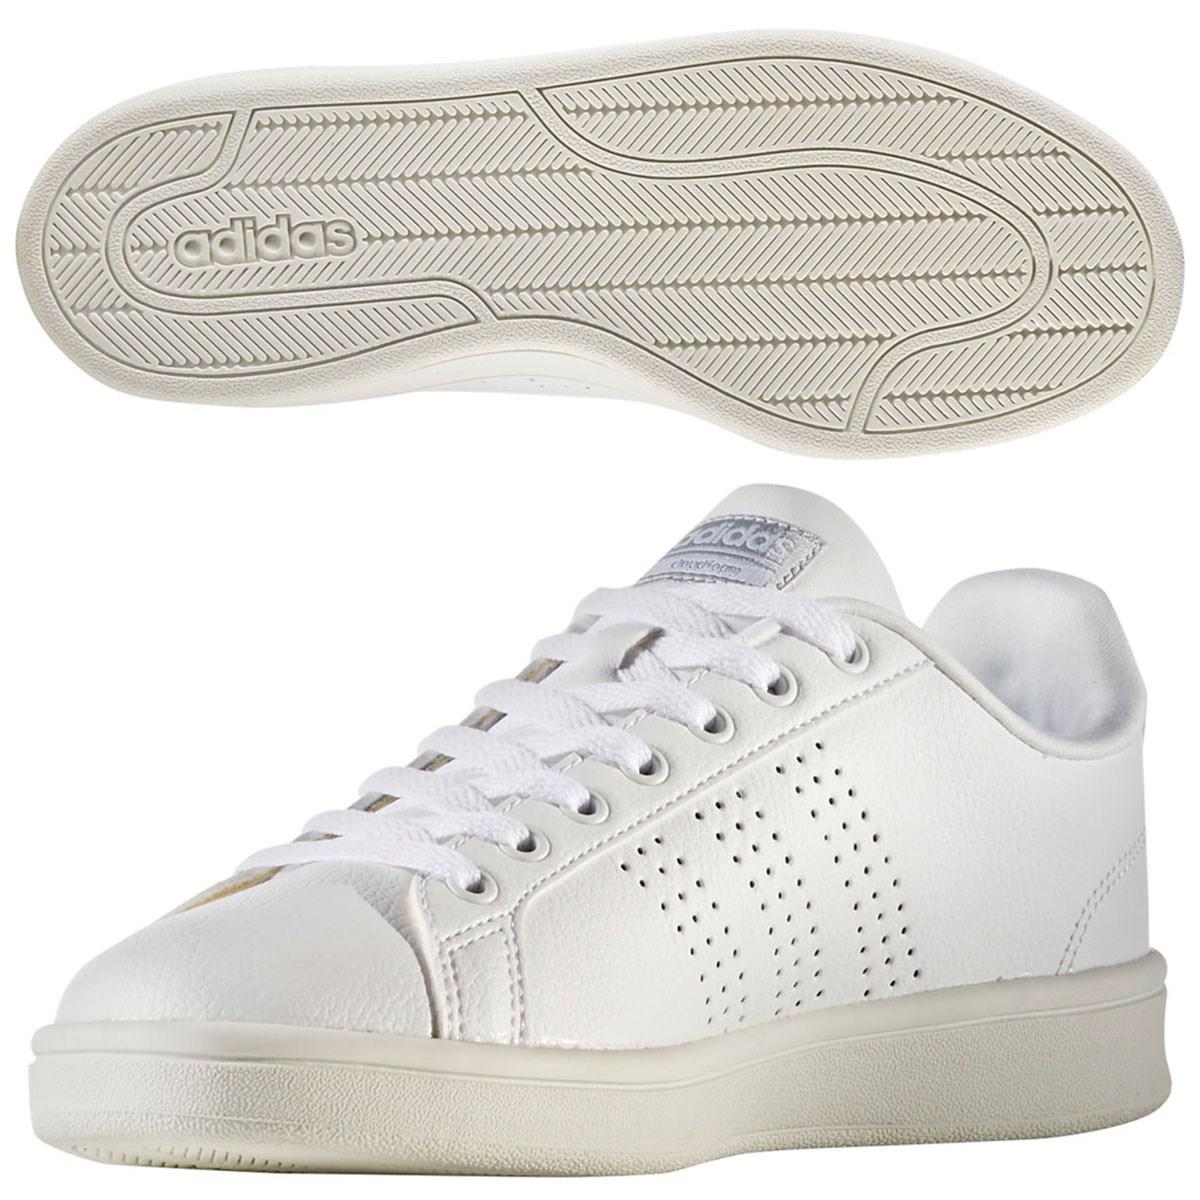 アディダス(adidas) CLOUDFOAM VALCLEAN W シューズレディス